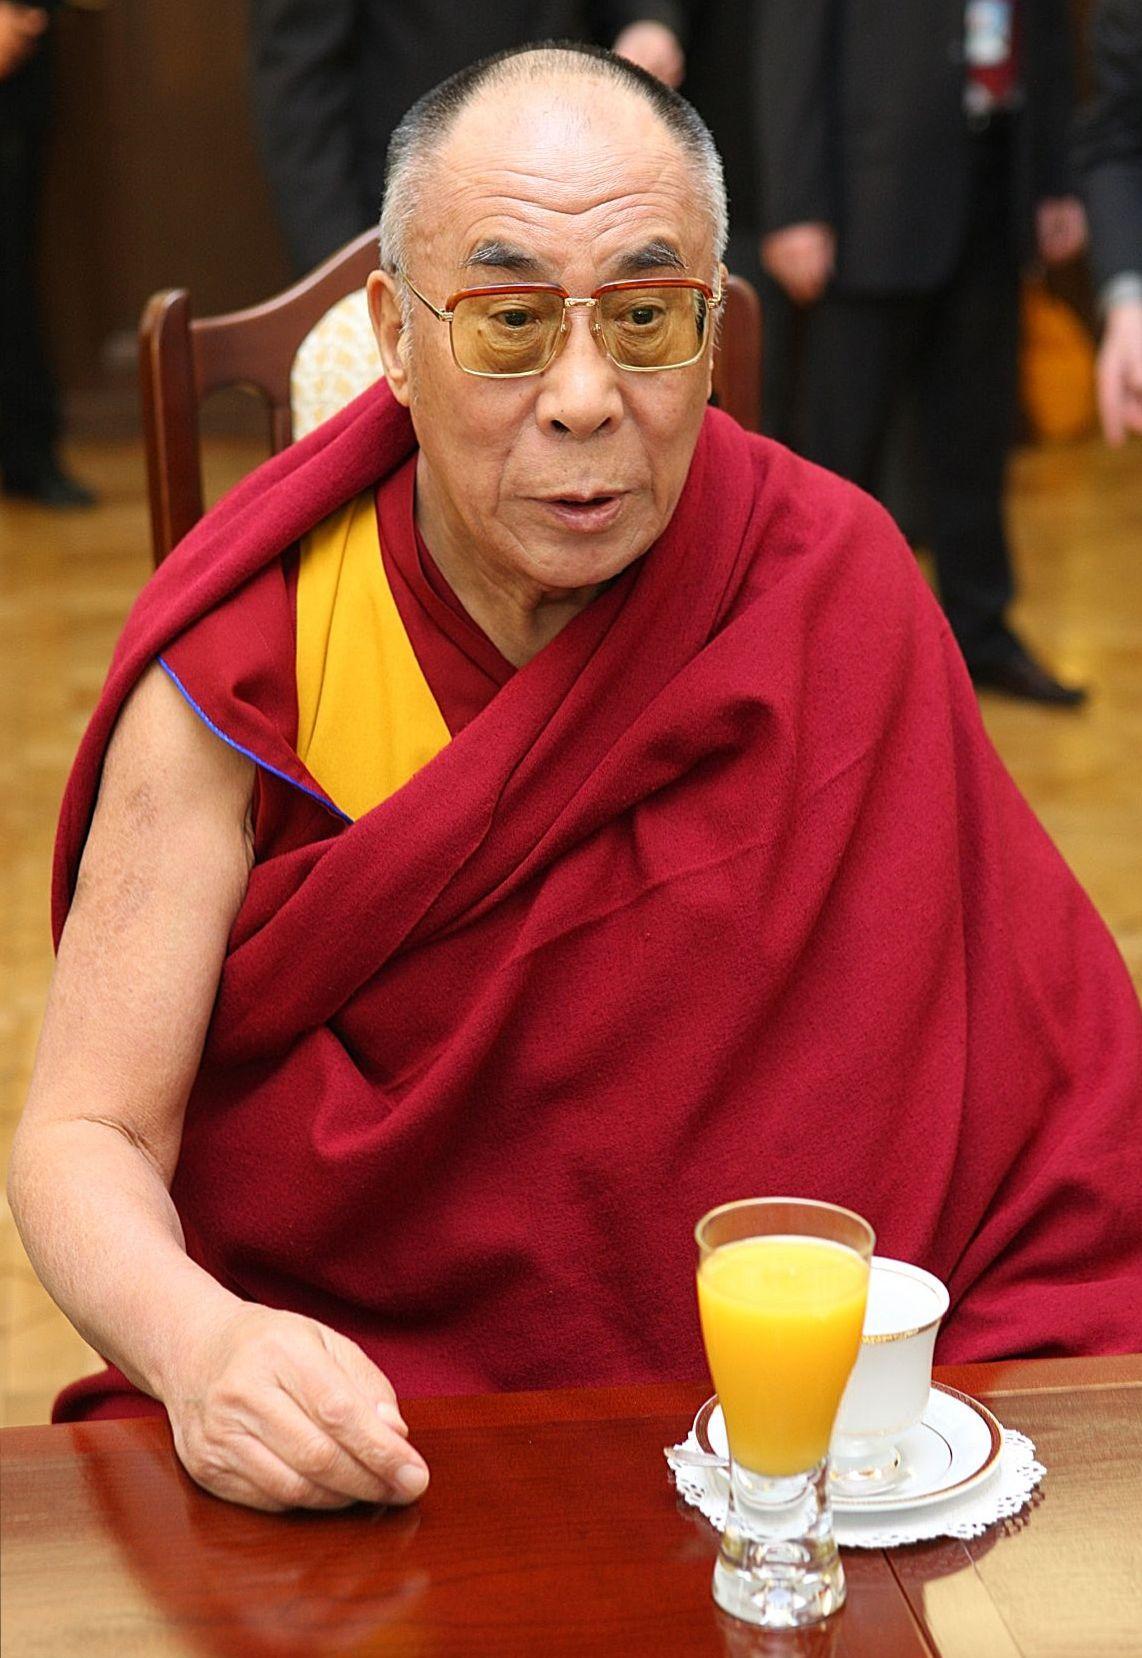 14th_dalai_lama_tenzin_gyatso_senate_of_poland_01